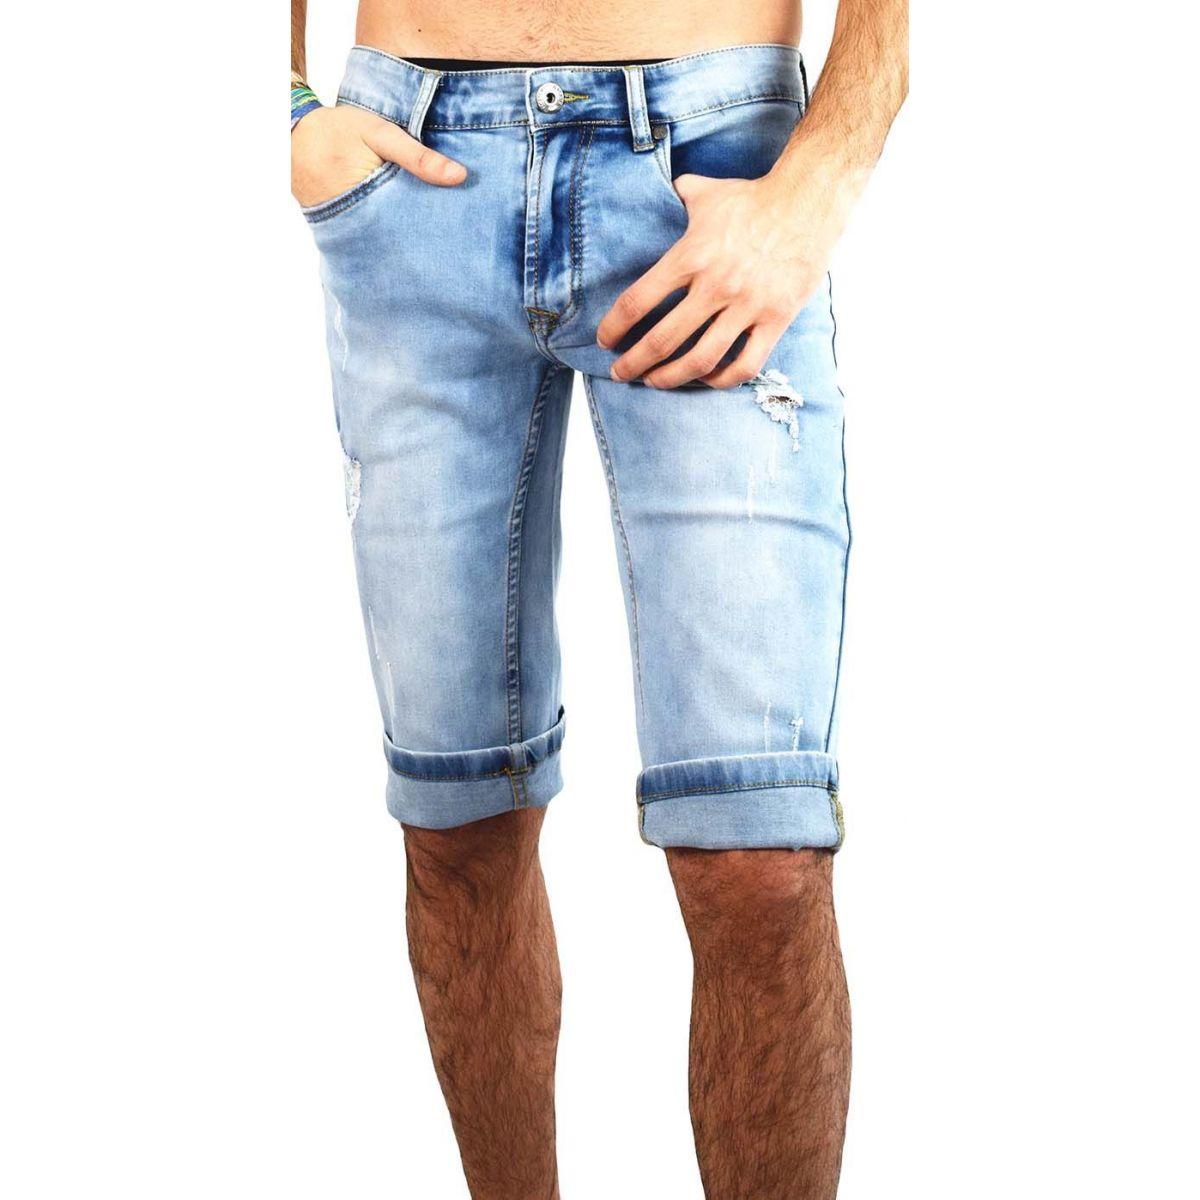 bermuda jean homme 501 short en jean d lav bleu fashion. Black Bedroom Furniture Sets. Home Design Ideas